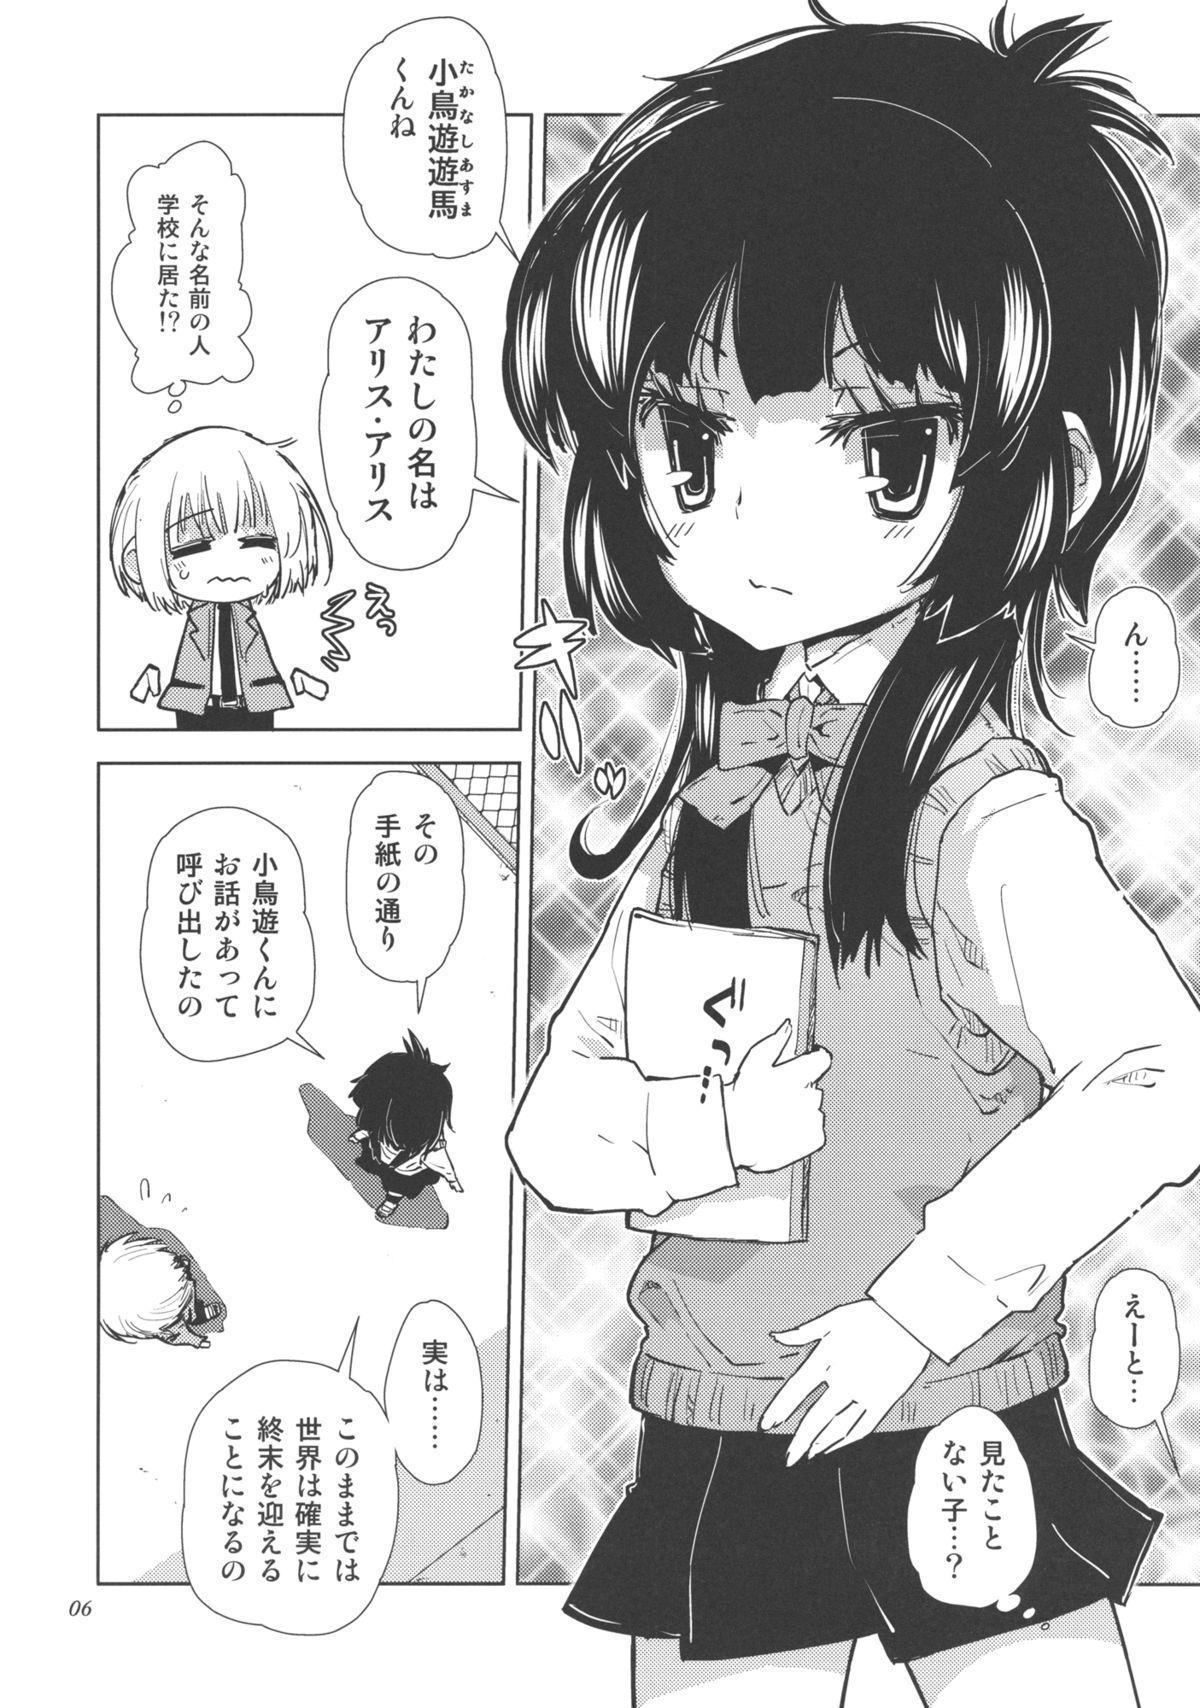 Sekai ga Dou toka Icchau Otokonoko wa Denpa Kawaii. 5